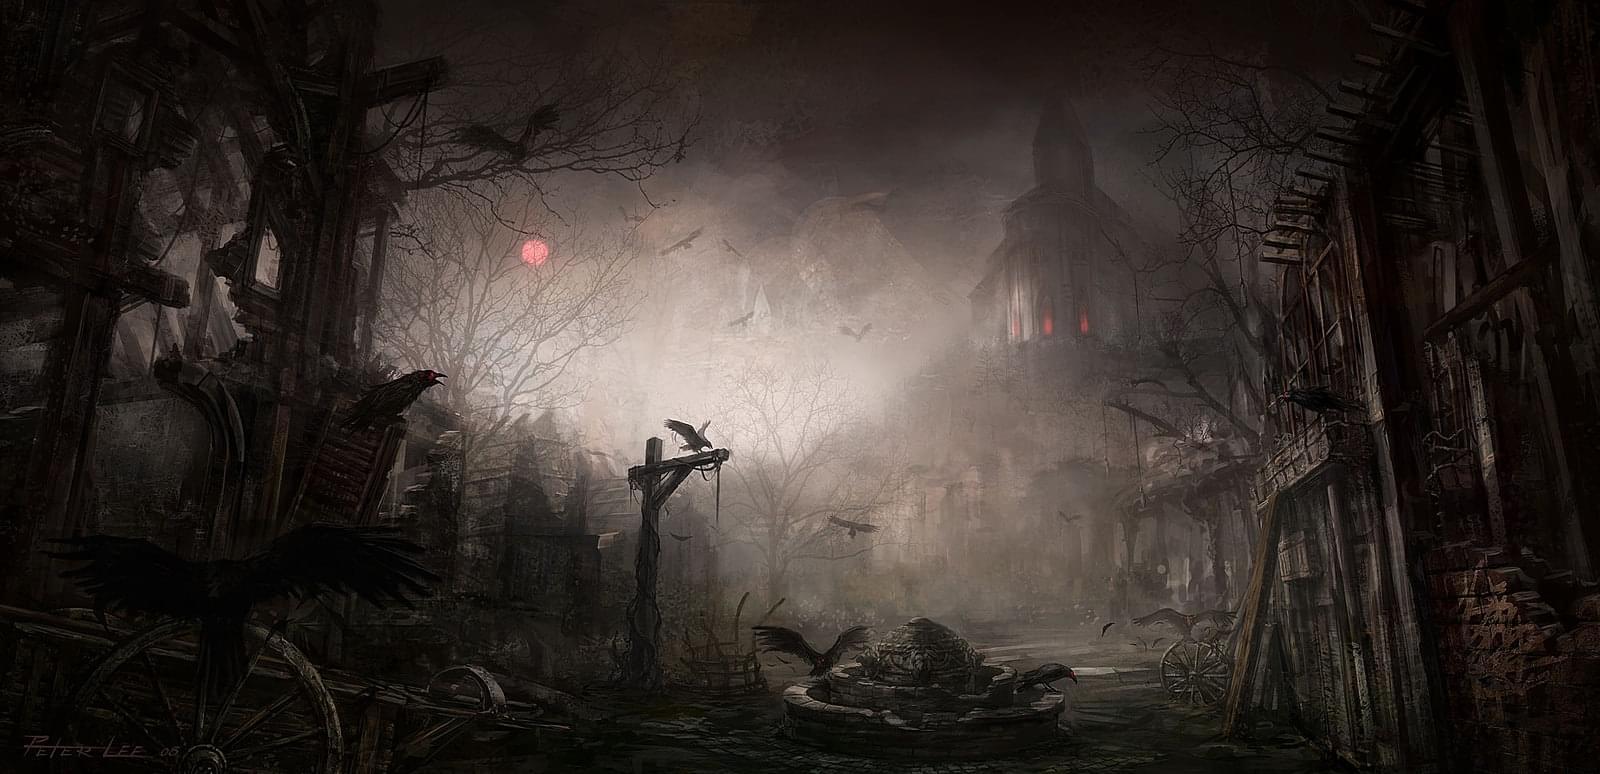 暗黑破坏神中的父子羁绊:李奥瑞克与黑暗流浪者